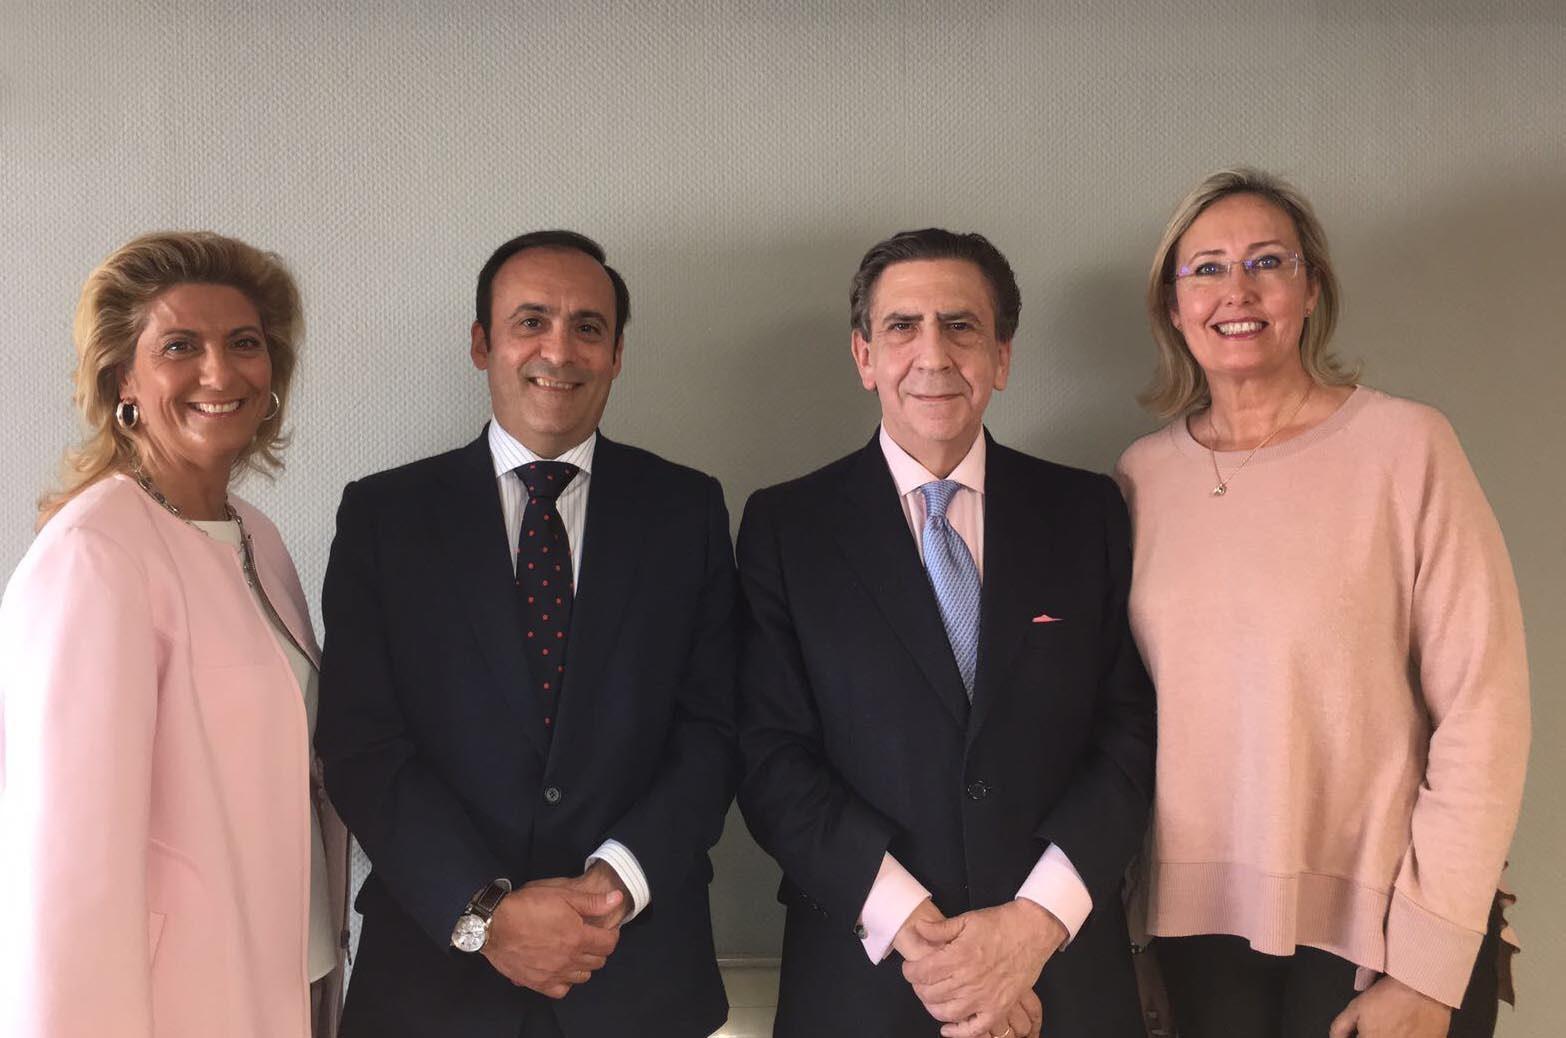 Miembros de la Comisión Permanente del Consejo Rector de Cofares: Soledad Muelas, Eduardo Pastor, Juan Ignacio Güenechea y Alicia Wildpret